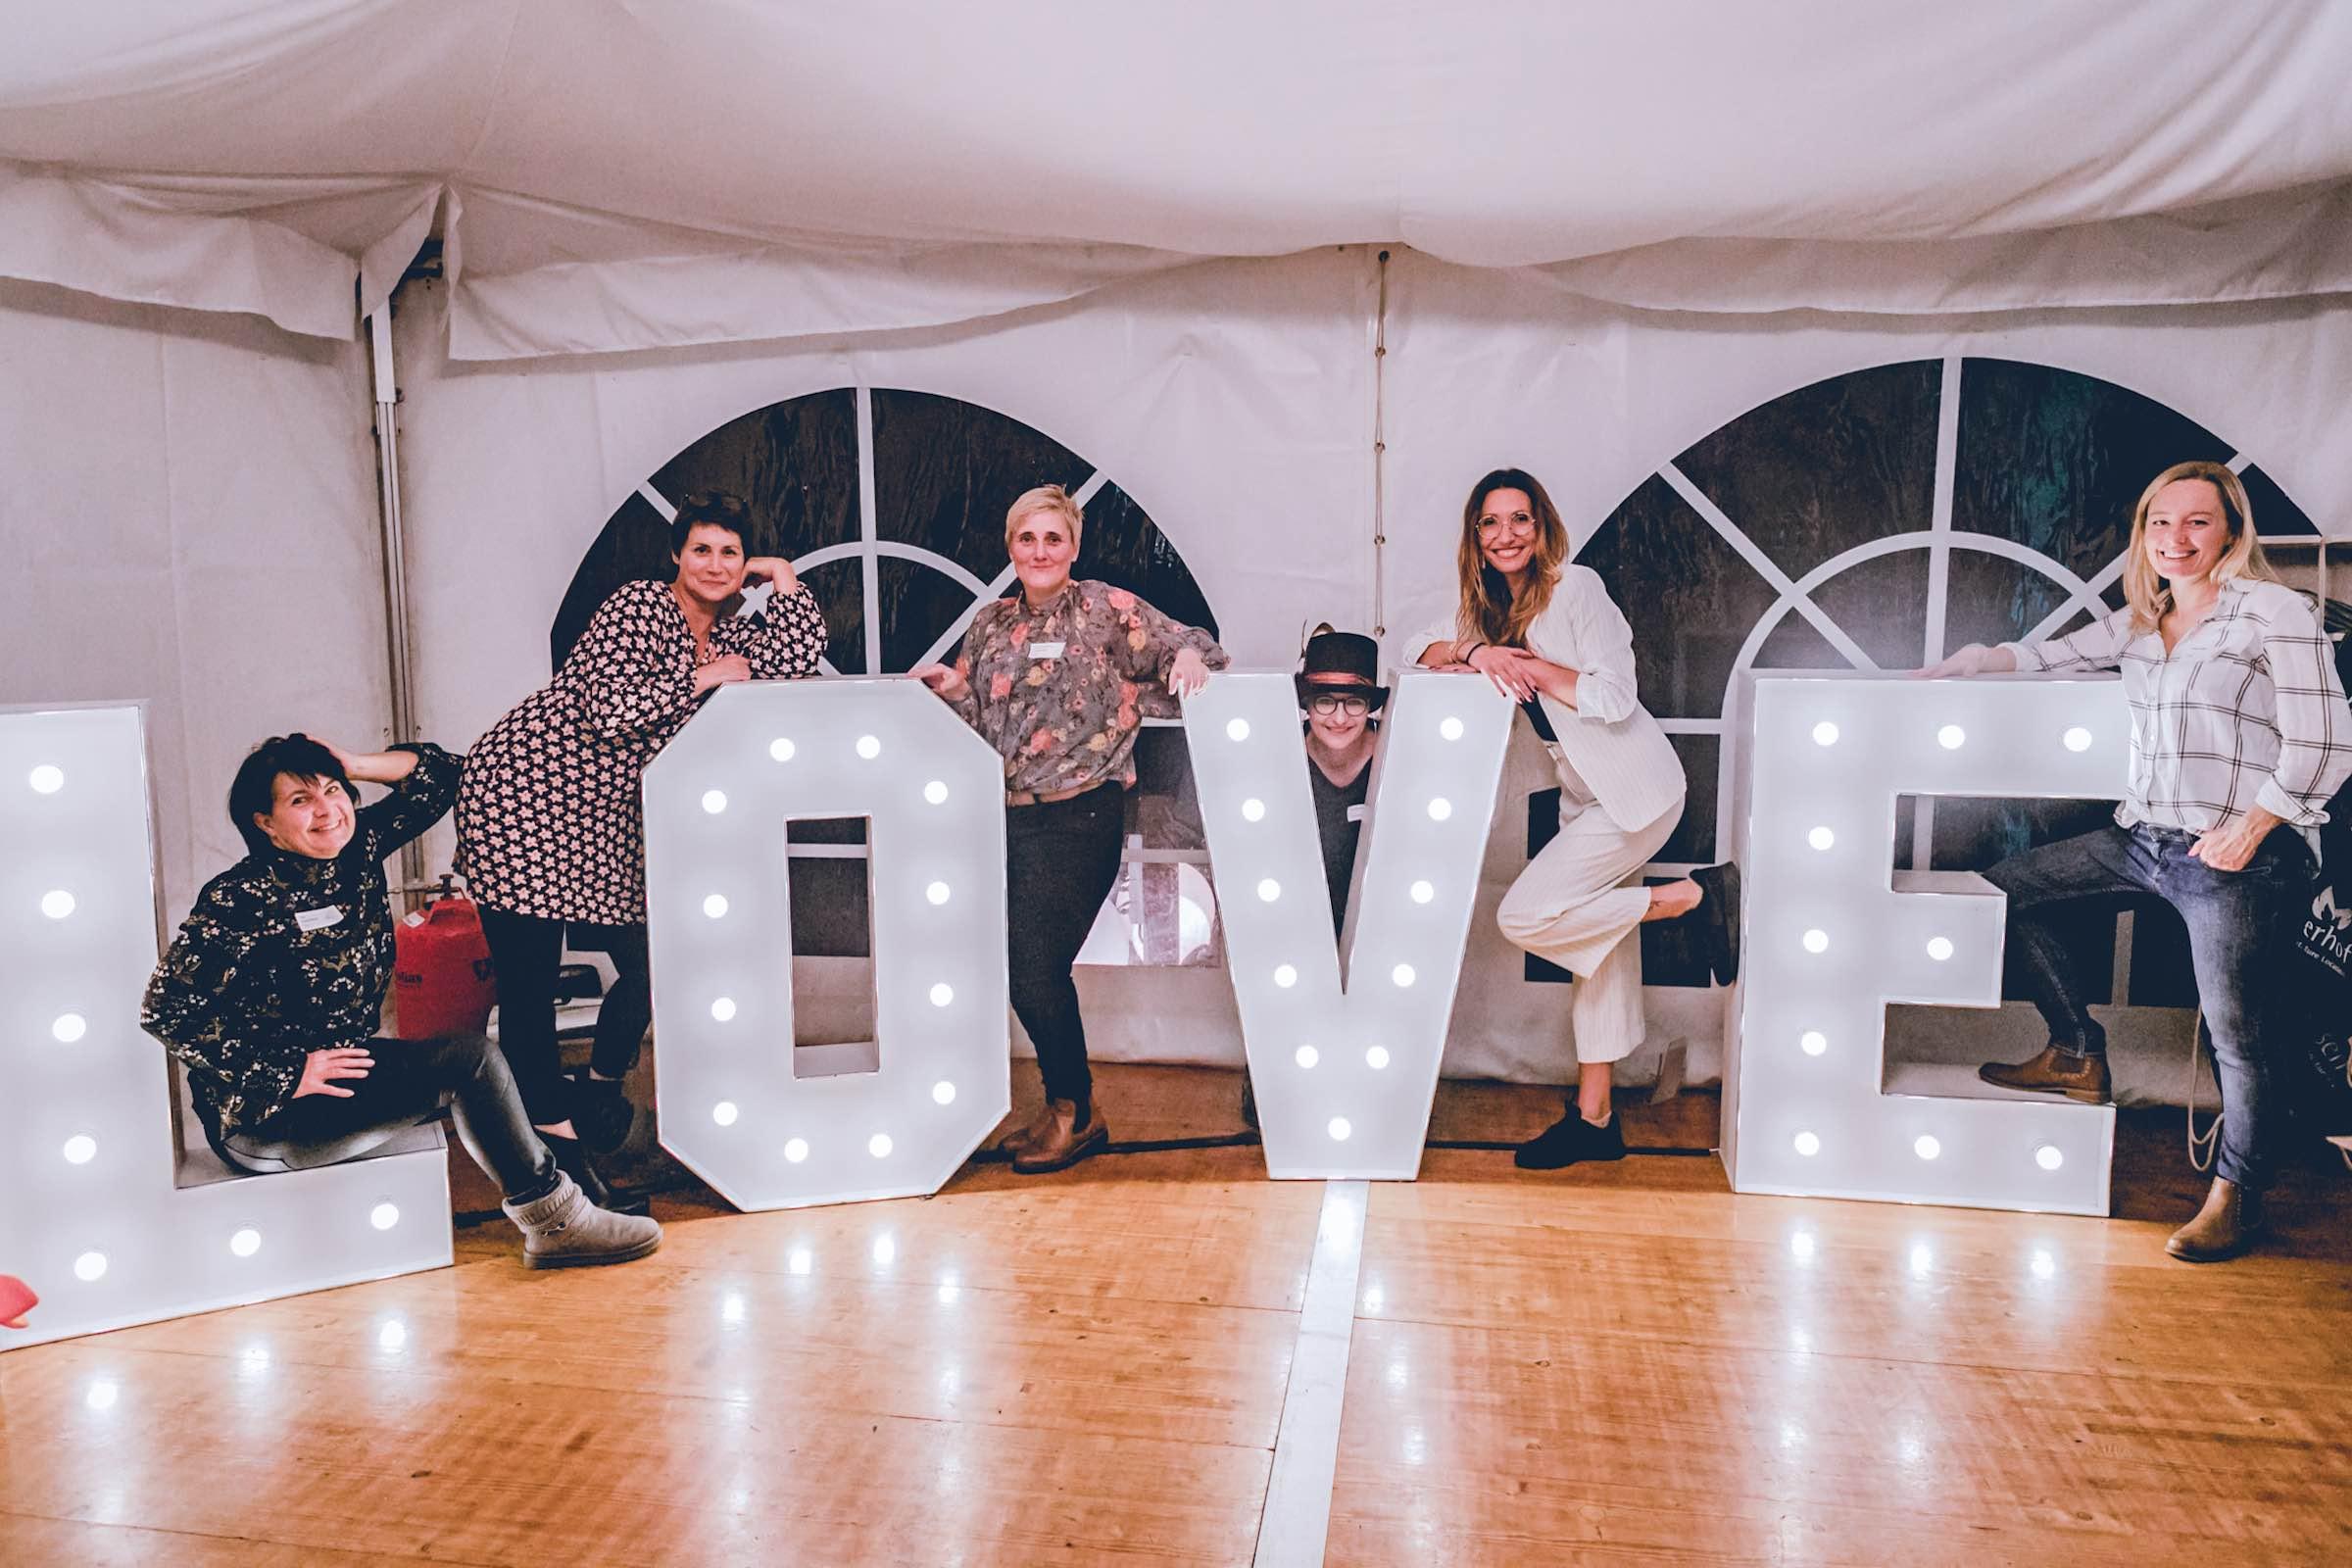 Häserhof | Reddestorf | Location | Referenz | Hochzeitsplaner | Eventplaner | Eventaustattung | Leuchtbuchstaben | LED | LOVE | Buchstaben | XXL | Mieten | Buchen | Lehmann | Eventservice